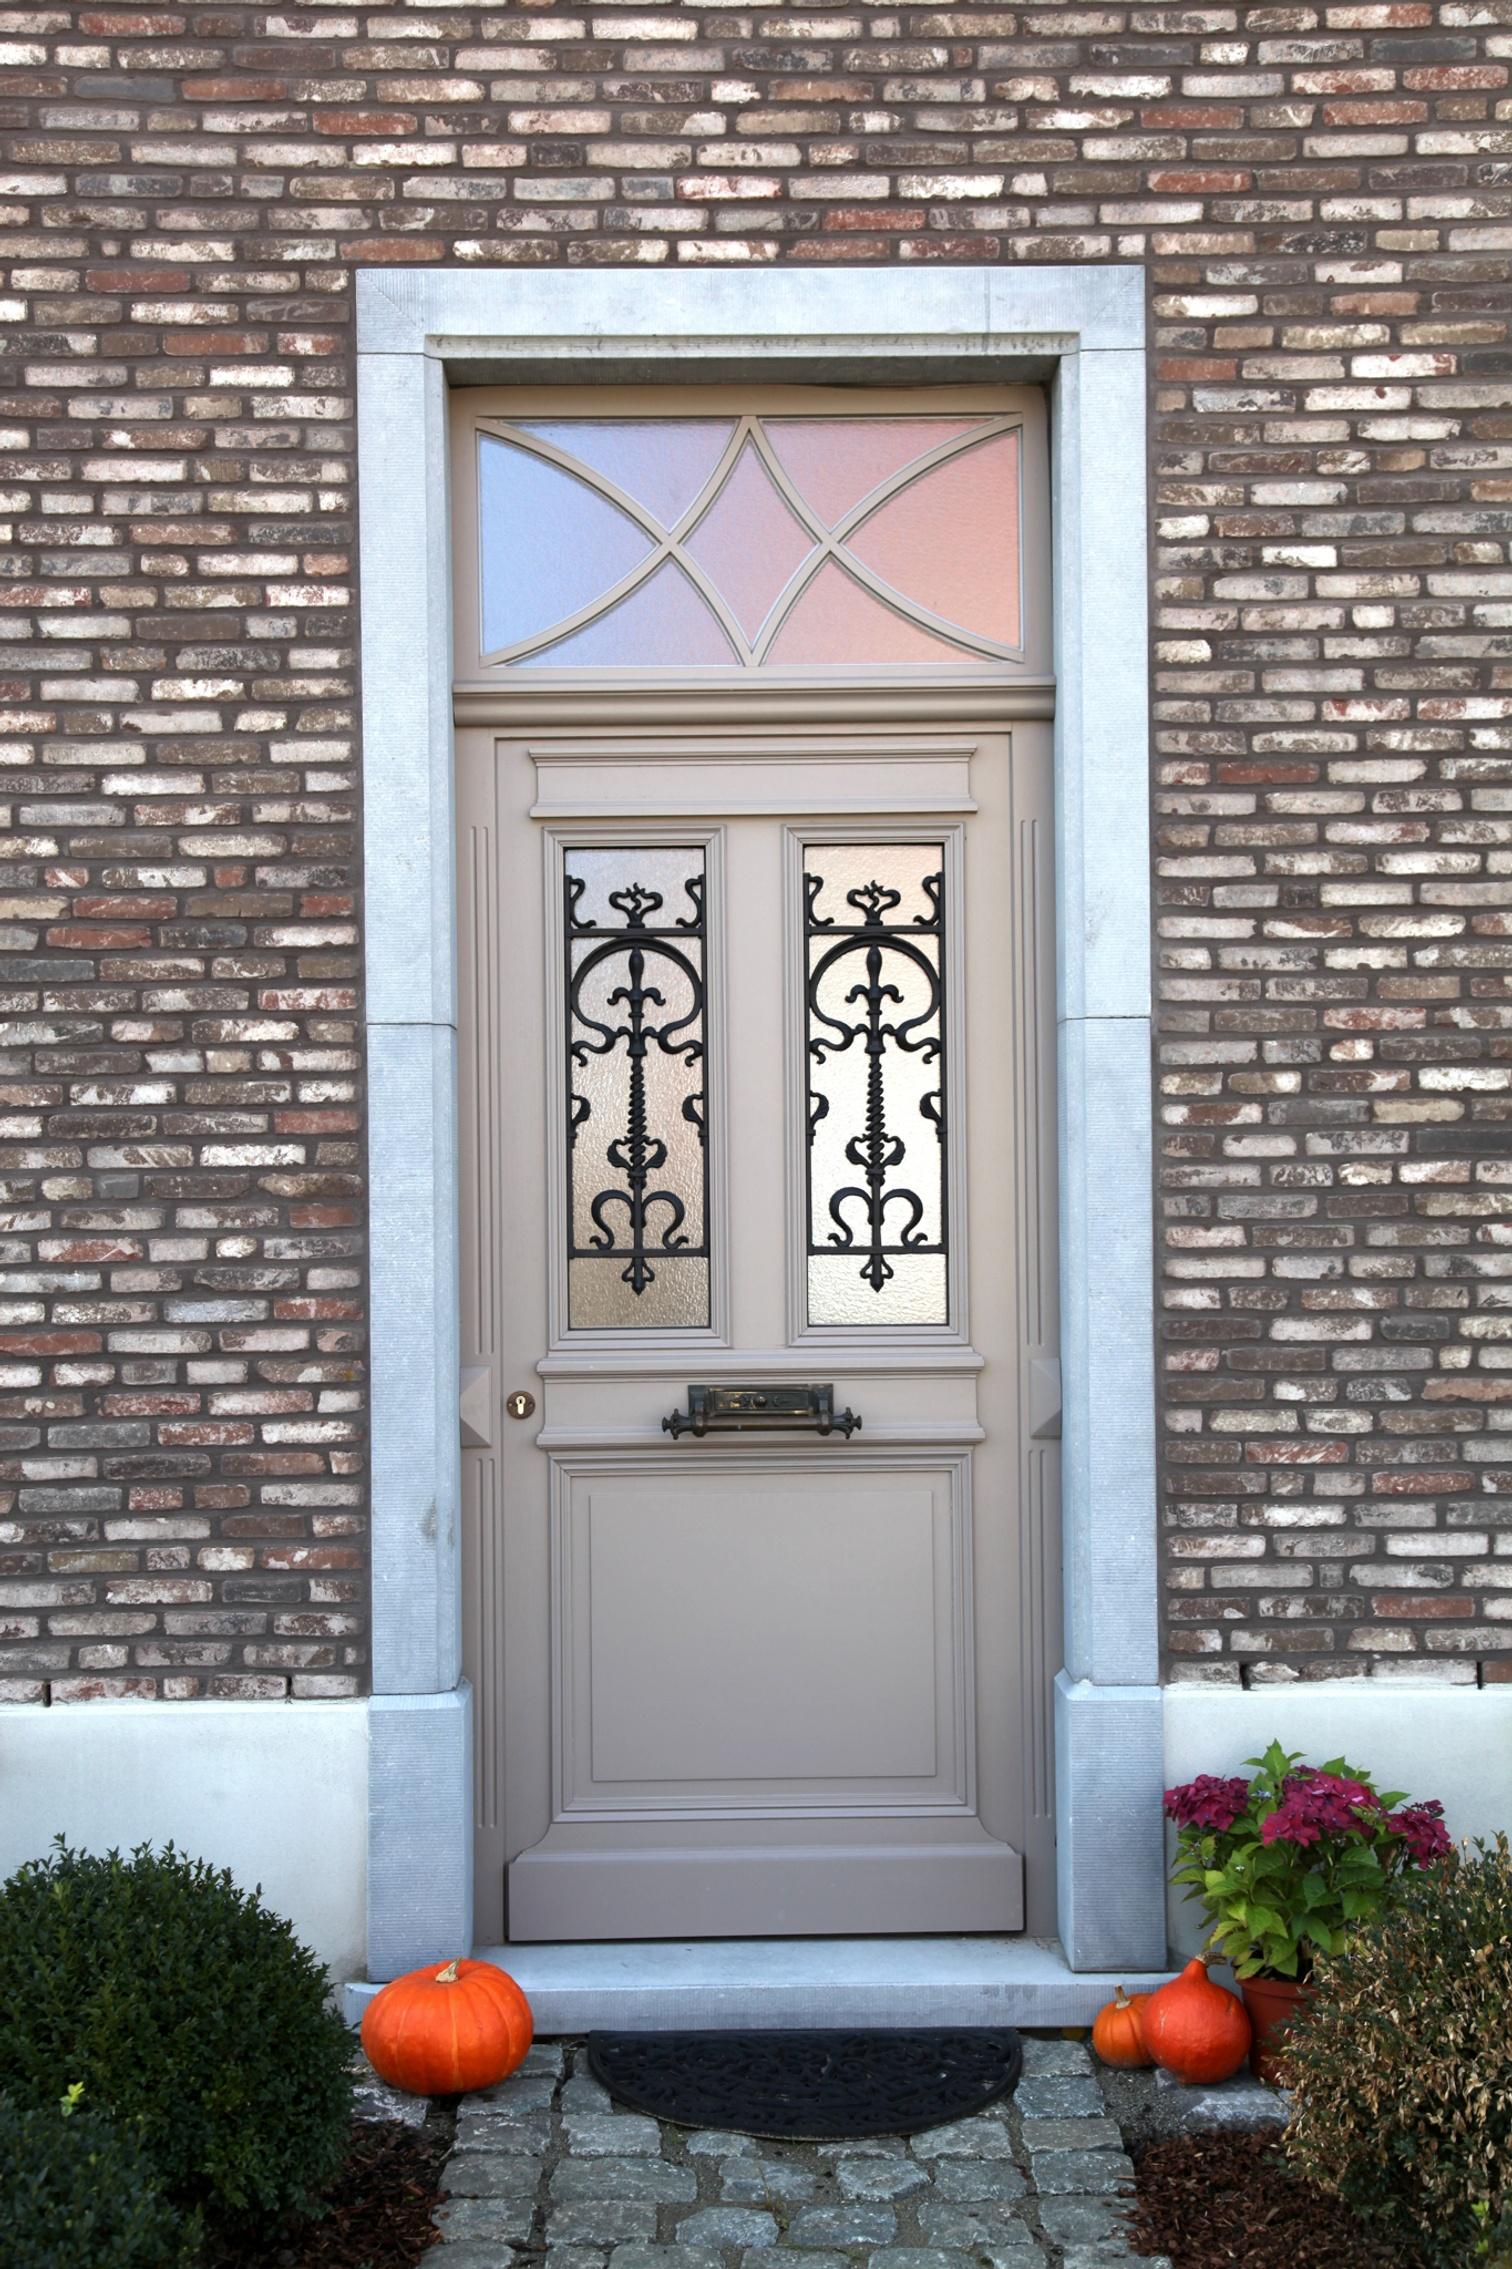 Klassieke deur met rooster